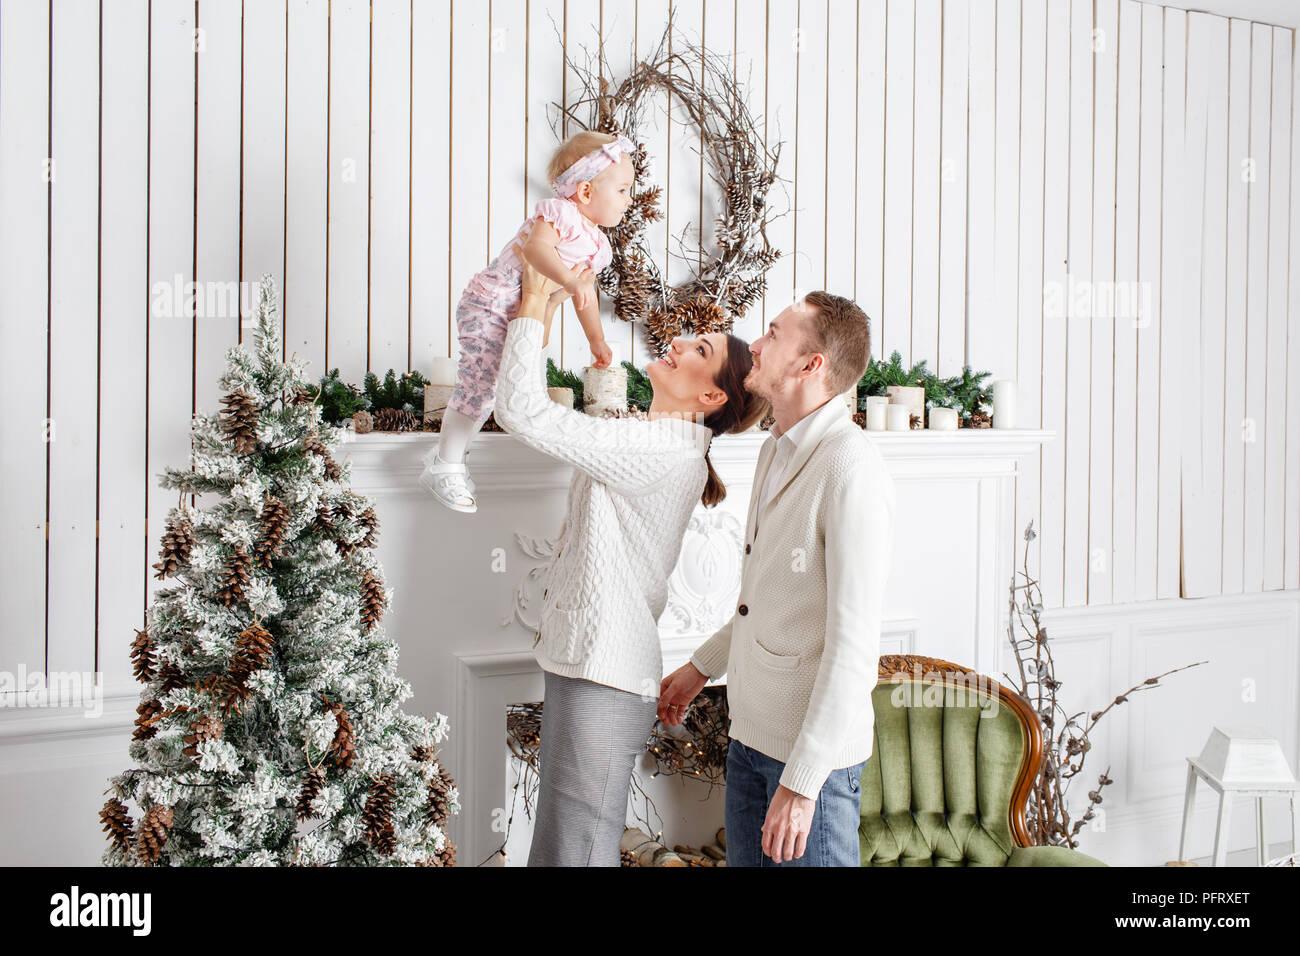 Frohe Weihnachten Familie.Liebevolle Familie Frohe Weihnachten Und Ein Glückliches Neues Jahr